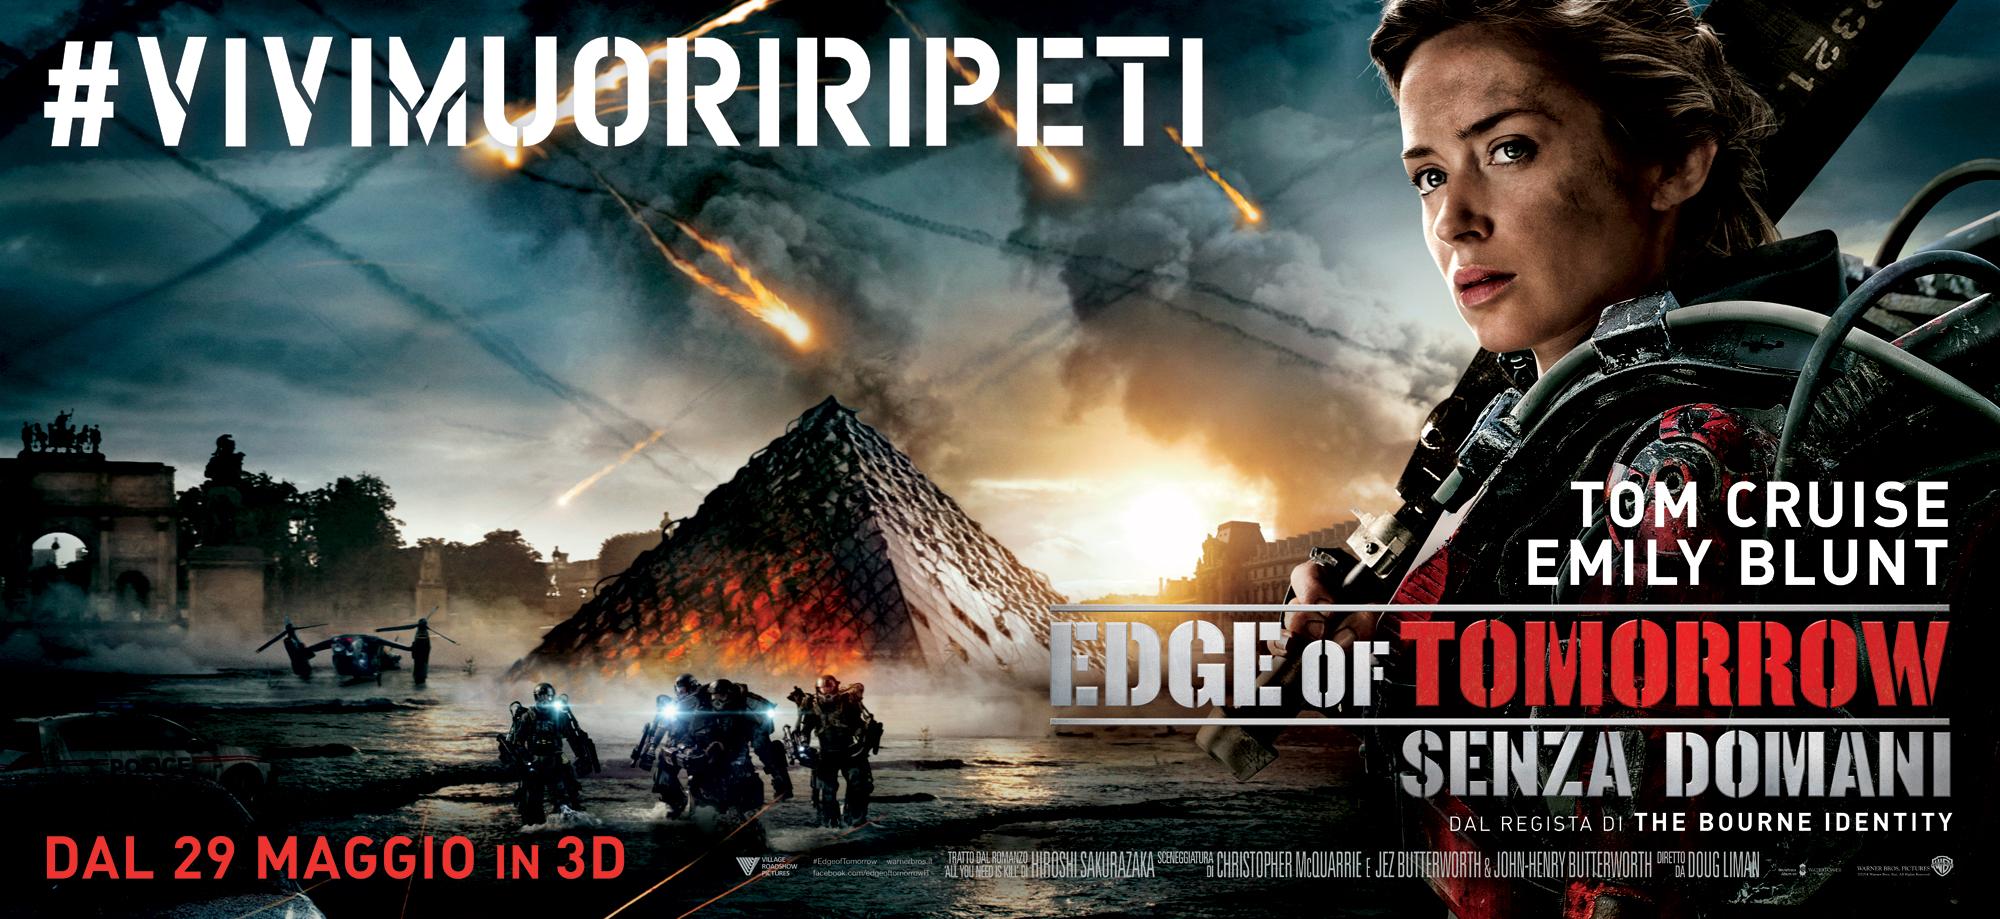 Edge of Tomorrow - Senza domani: Emily Blunt nel character poster orizzontale a lei dedicato